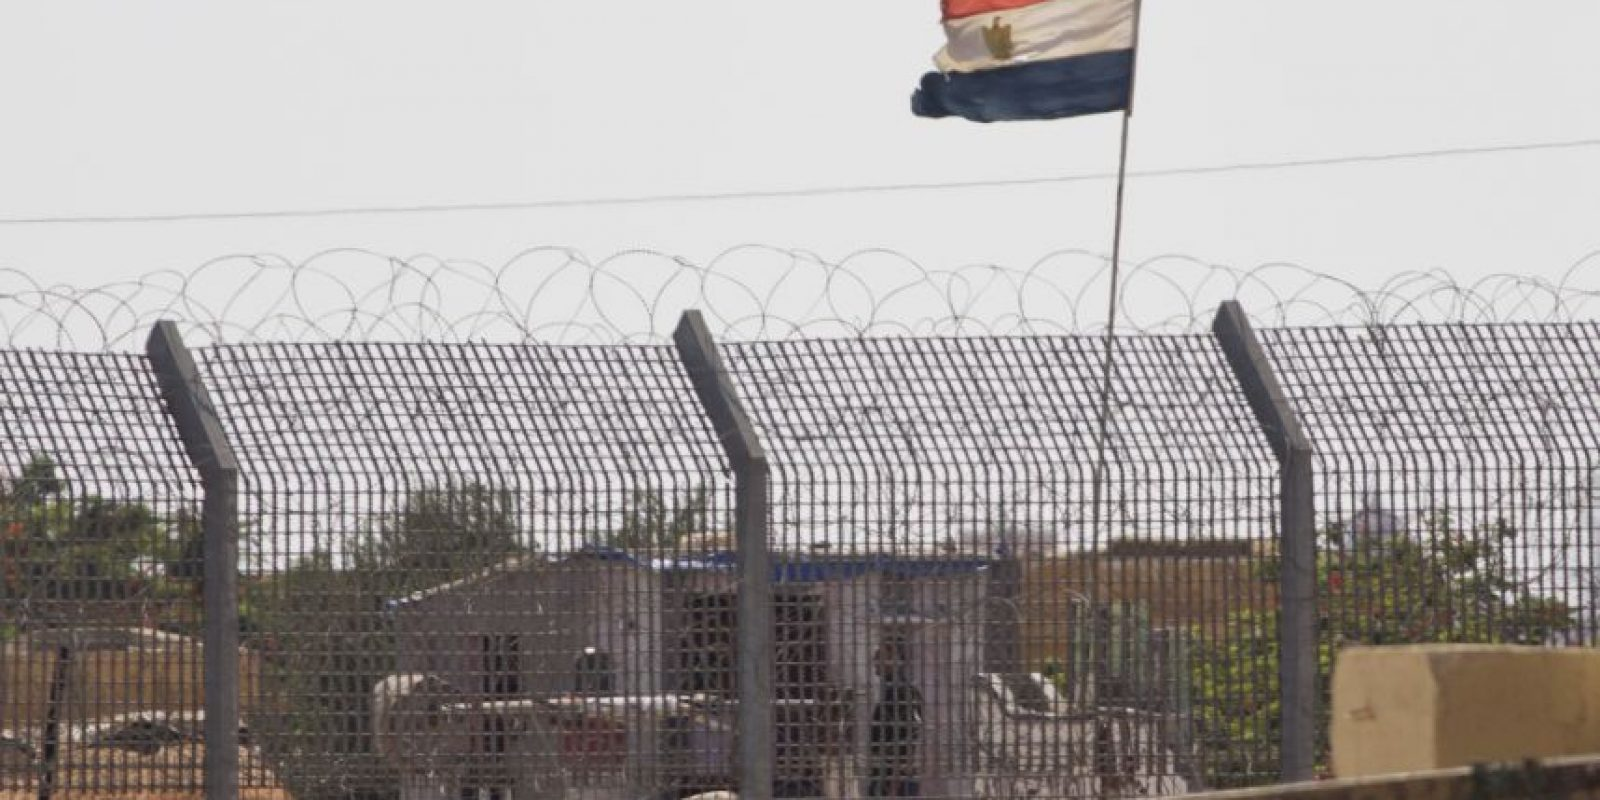 Según un portavoz del éjercito murieron al menos 100 terroristas. Foto:AP